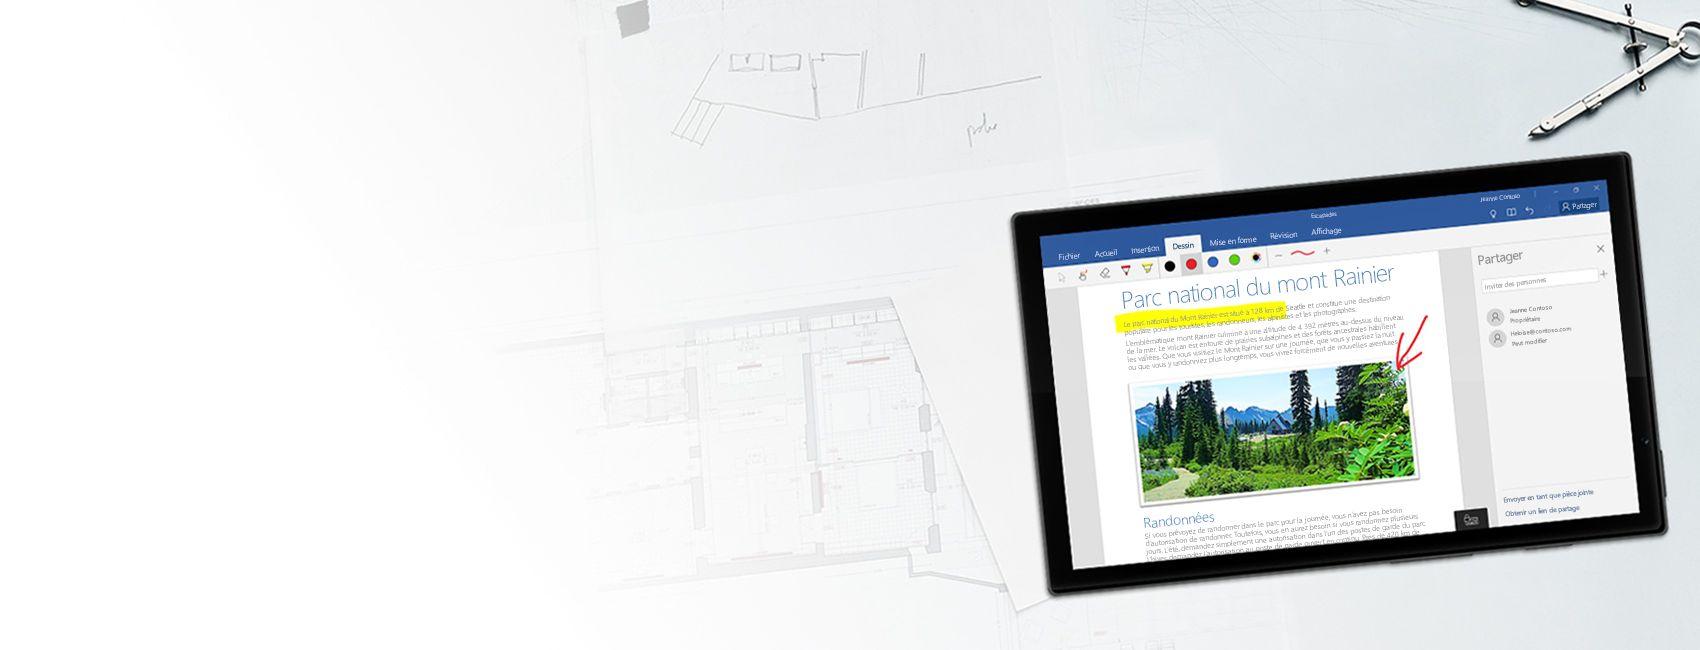 Tablette Windows affichant un document Word sur le Parc national du mont Rainier dans Word pour Windows 10 Mobile